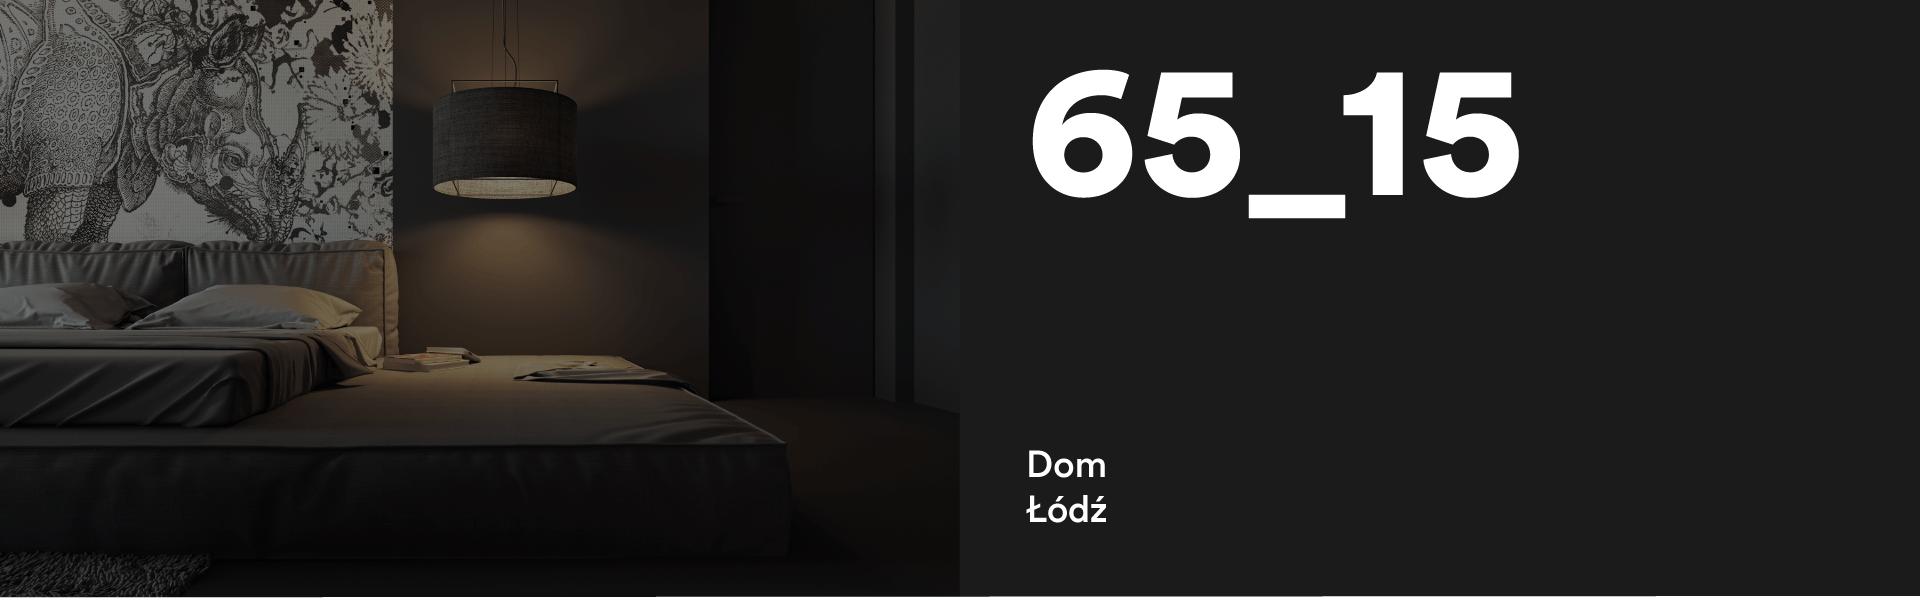 65_15 Dom w Łodzi